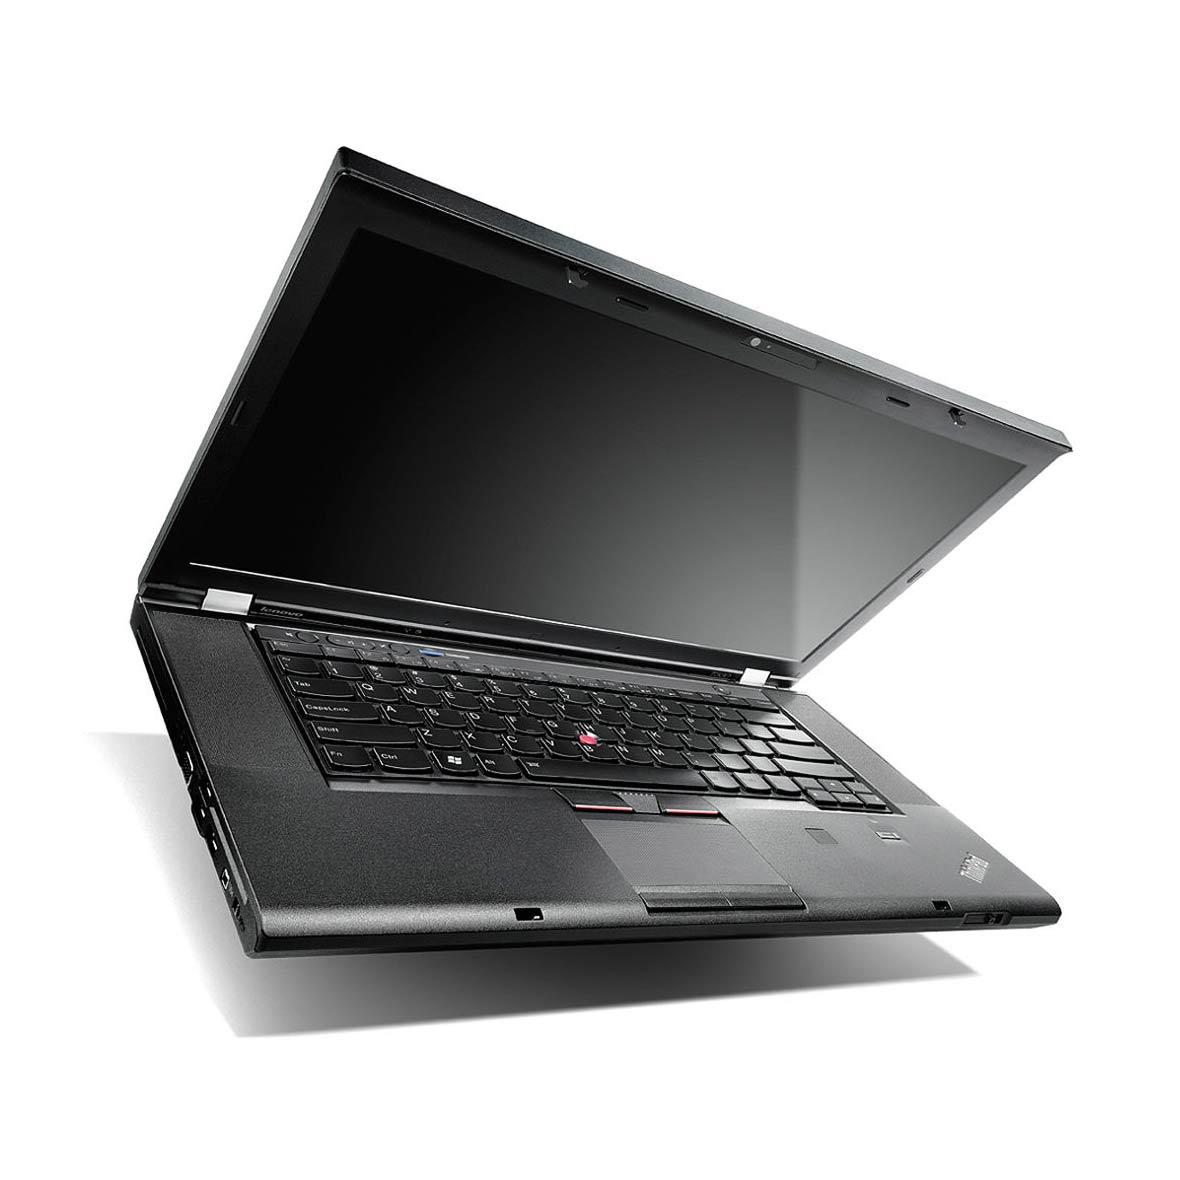 لپ تاپ استوک لنوو مدل Thinkpad T530 پردازنده i7